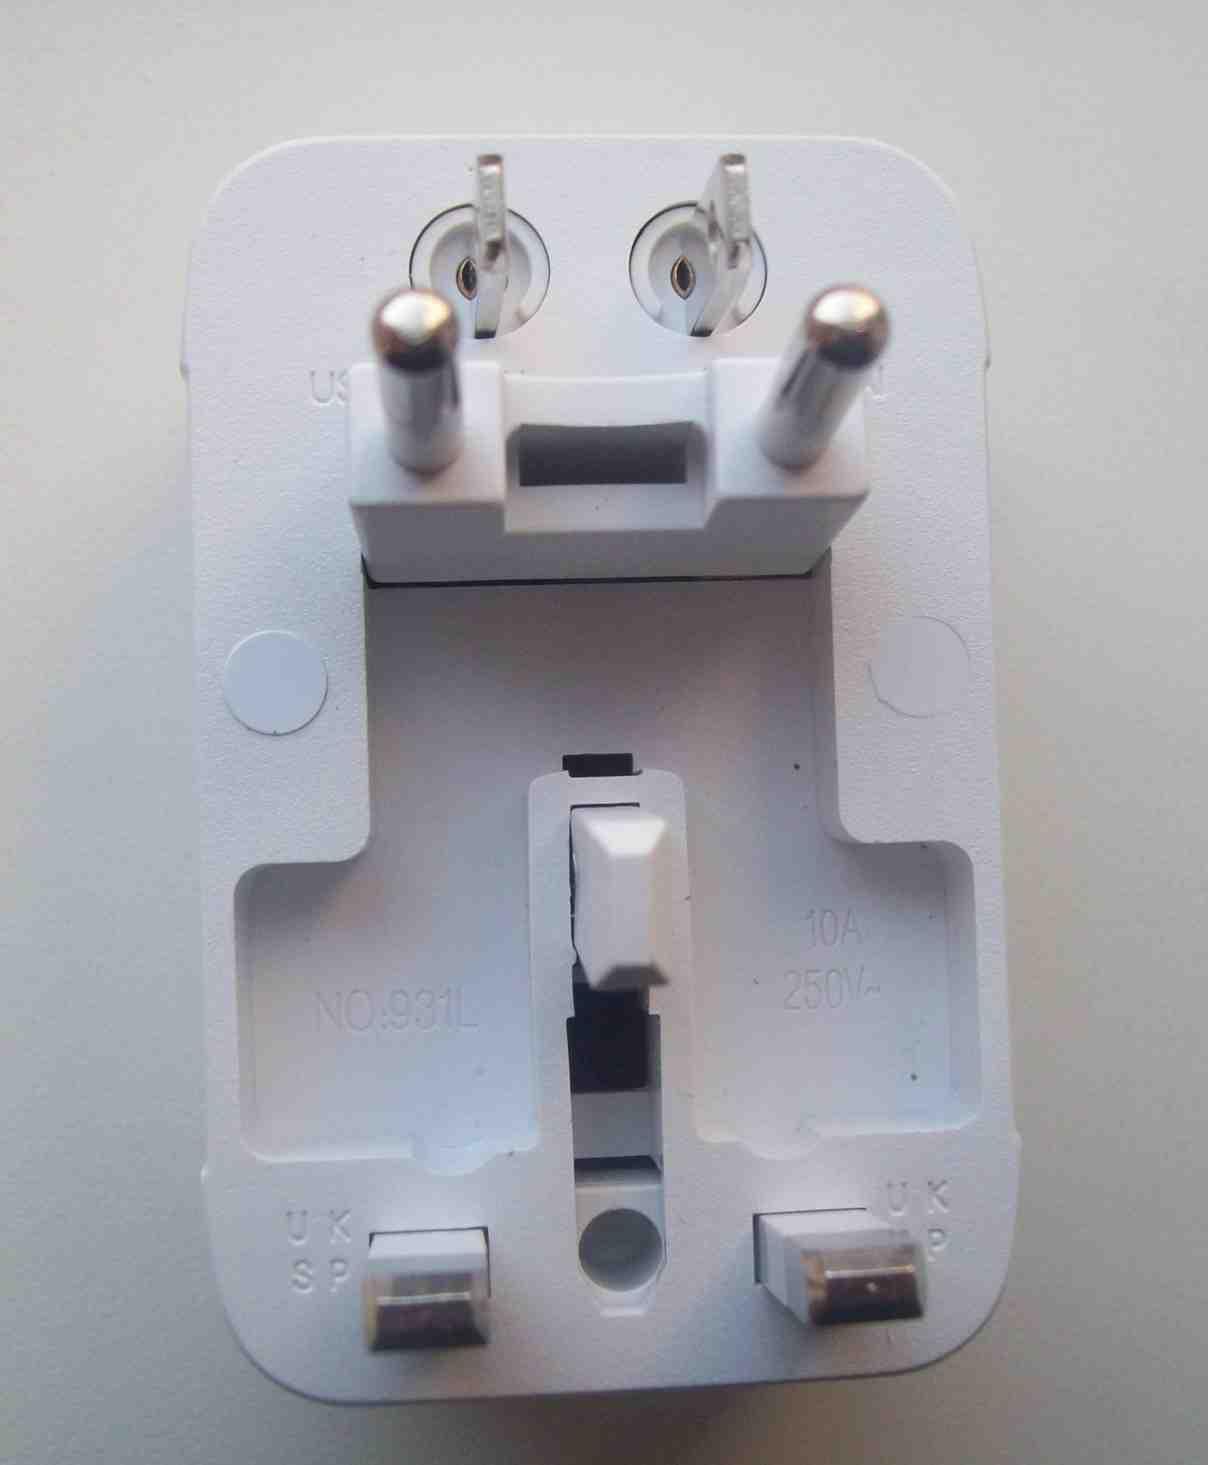 Універсальний електро перехідник для всіх систем, зображення 1